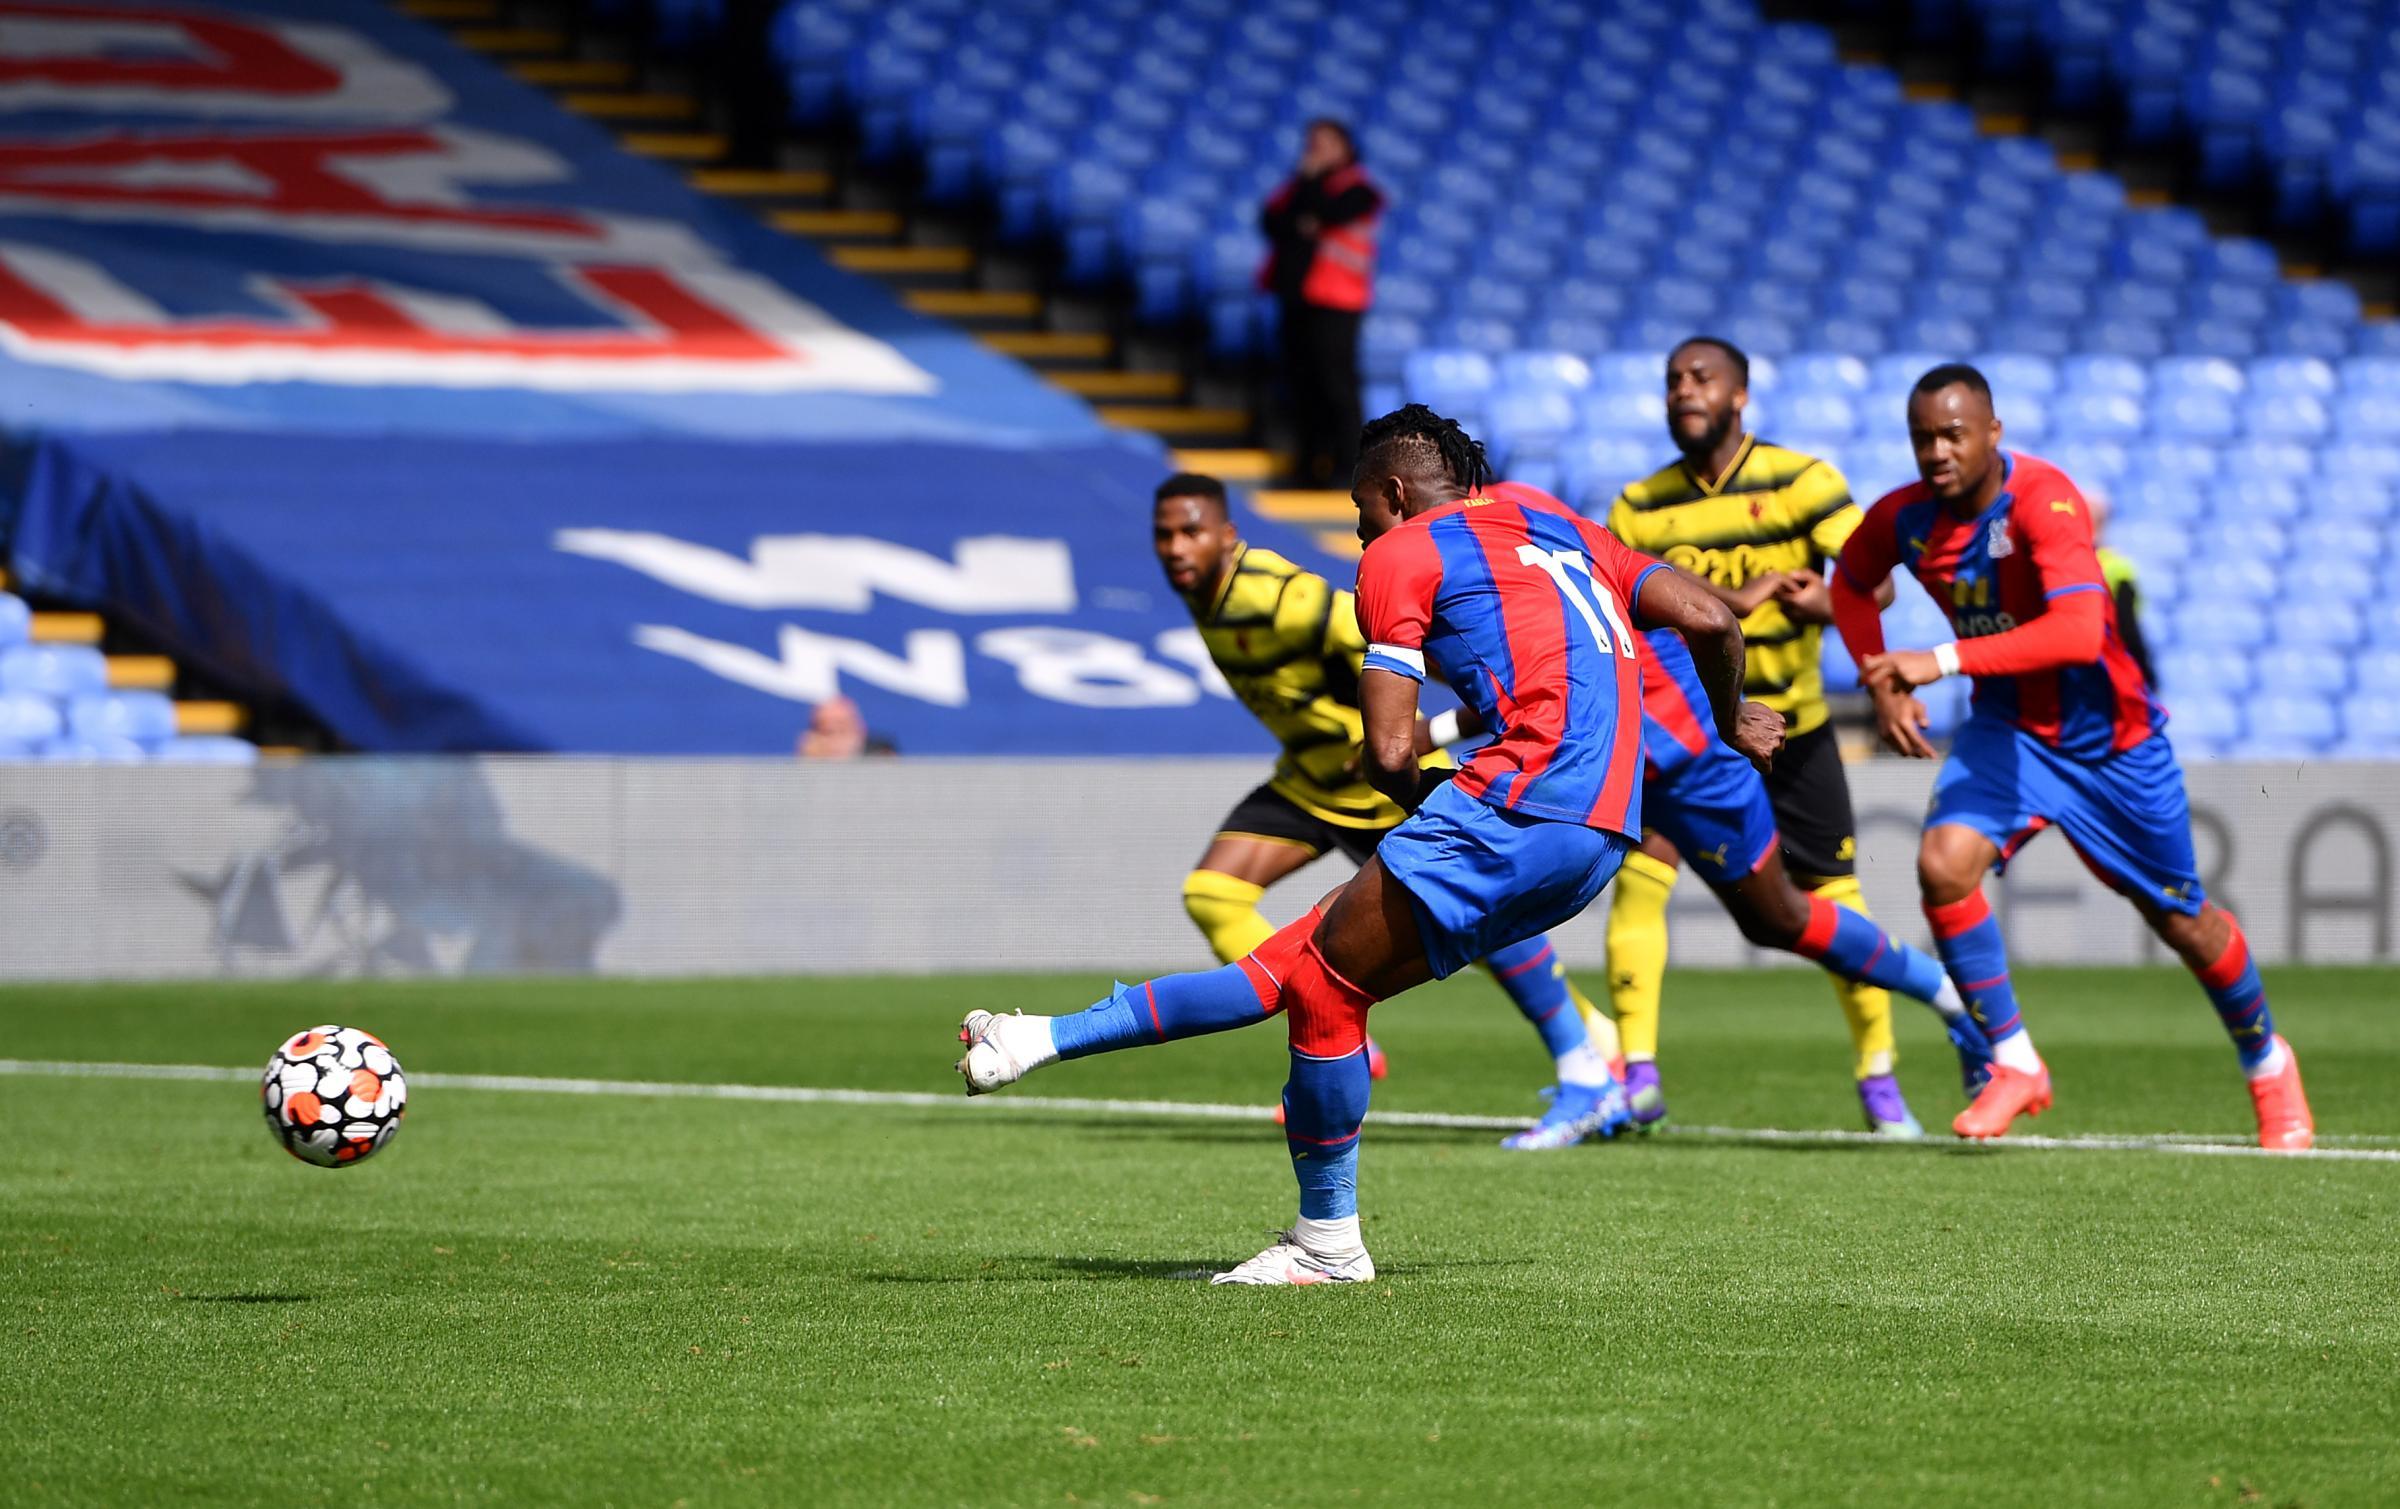 Watford beaten at Crystal Palace in pre-season